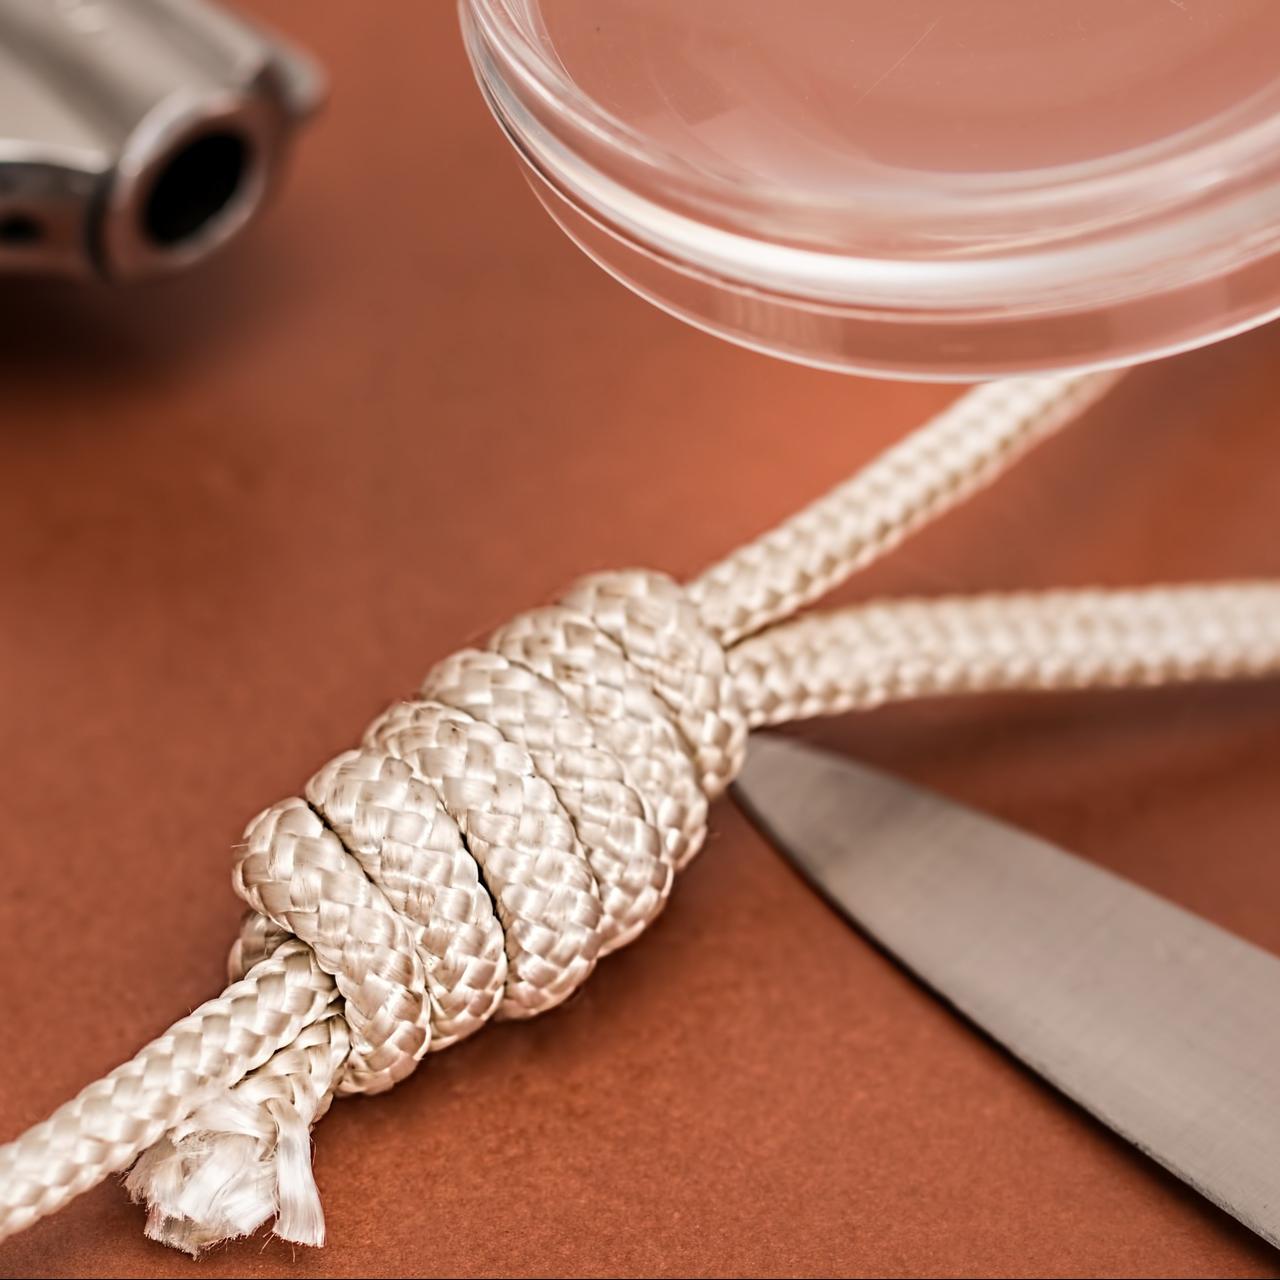 Criminal Tools